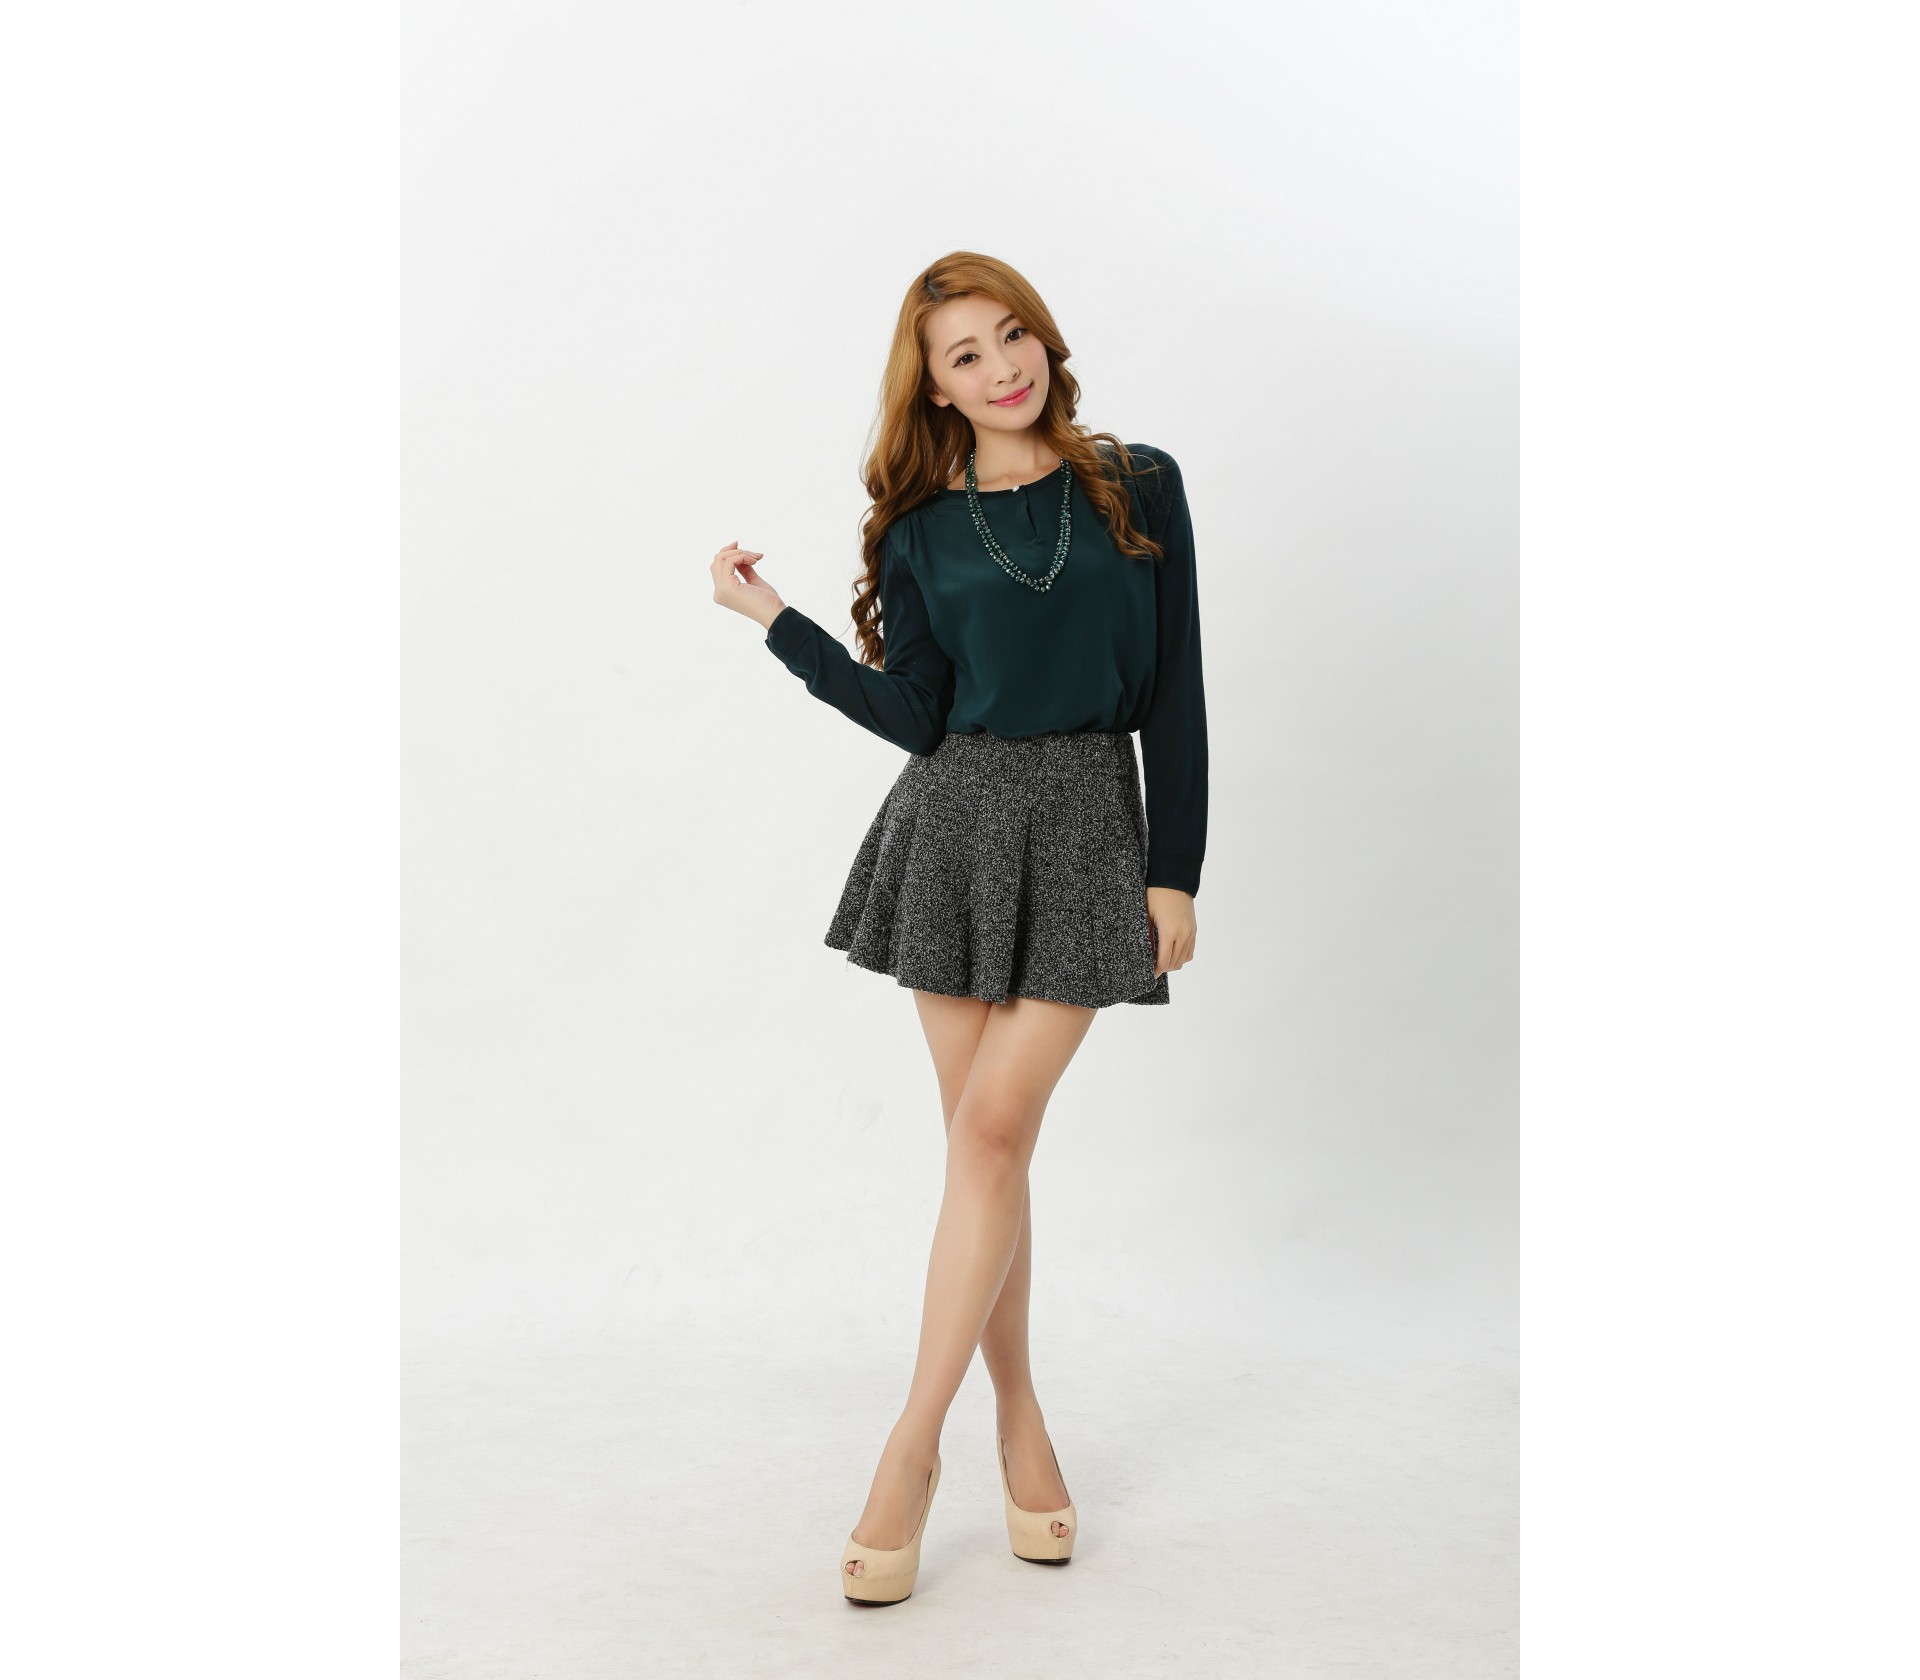 闕蘭絹精緻典雅100%蠶絲前釦造型拼接雪紡針織上衣-614(墨綠)